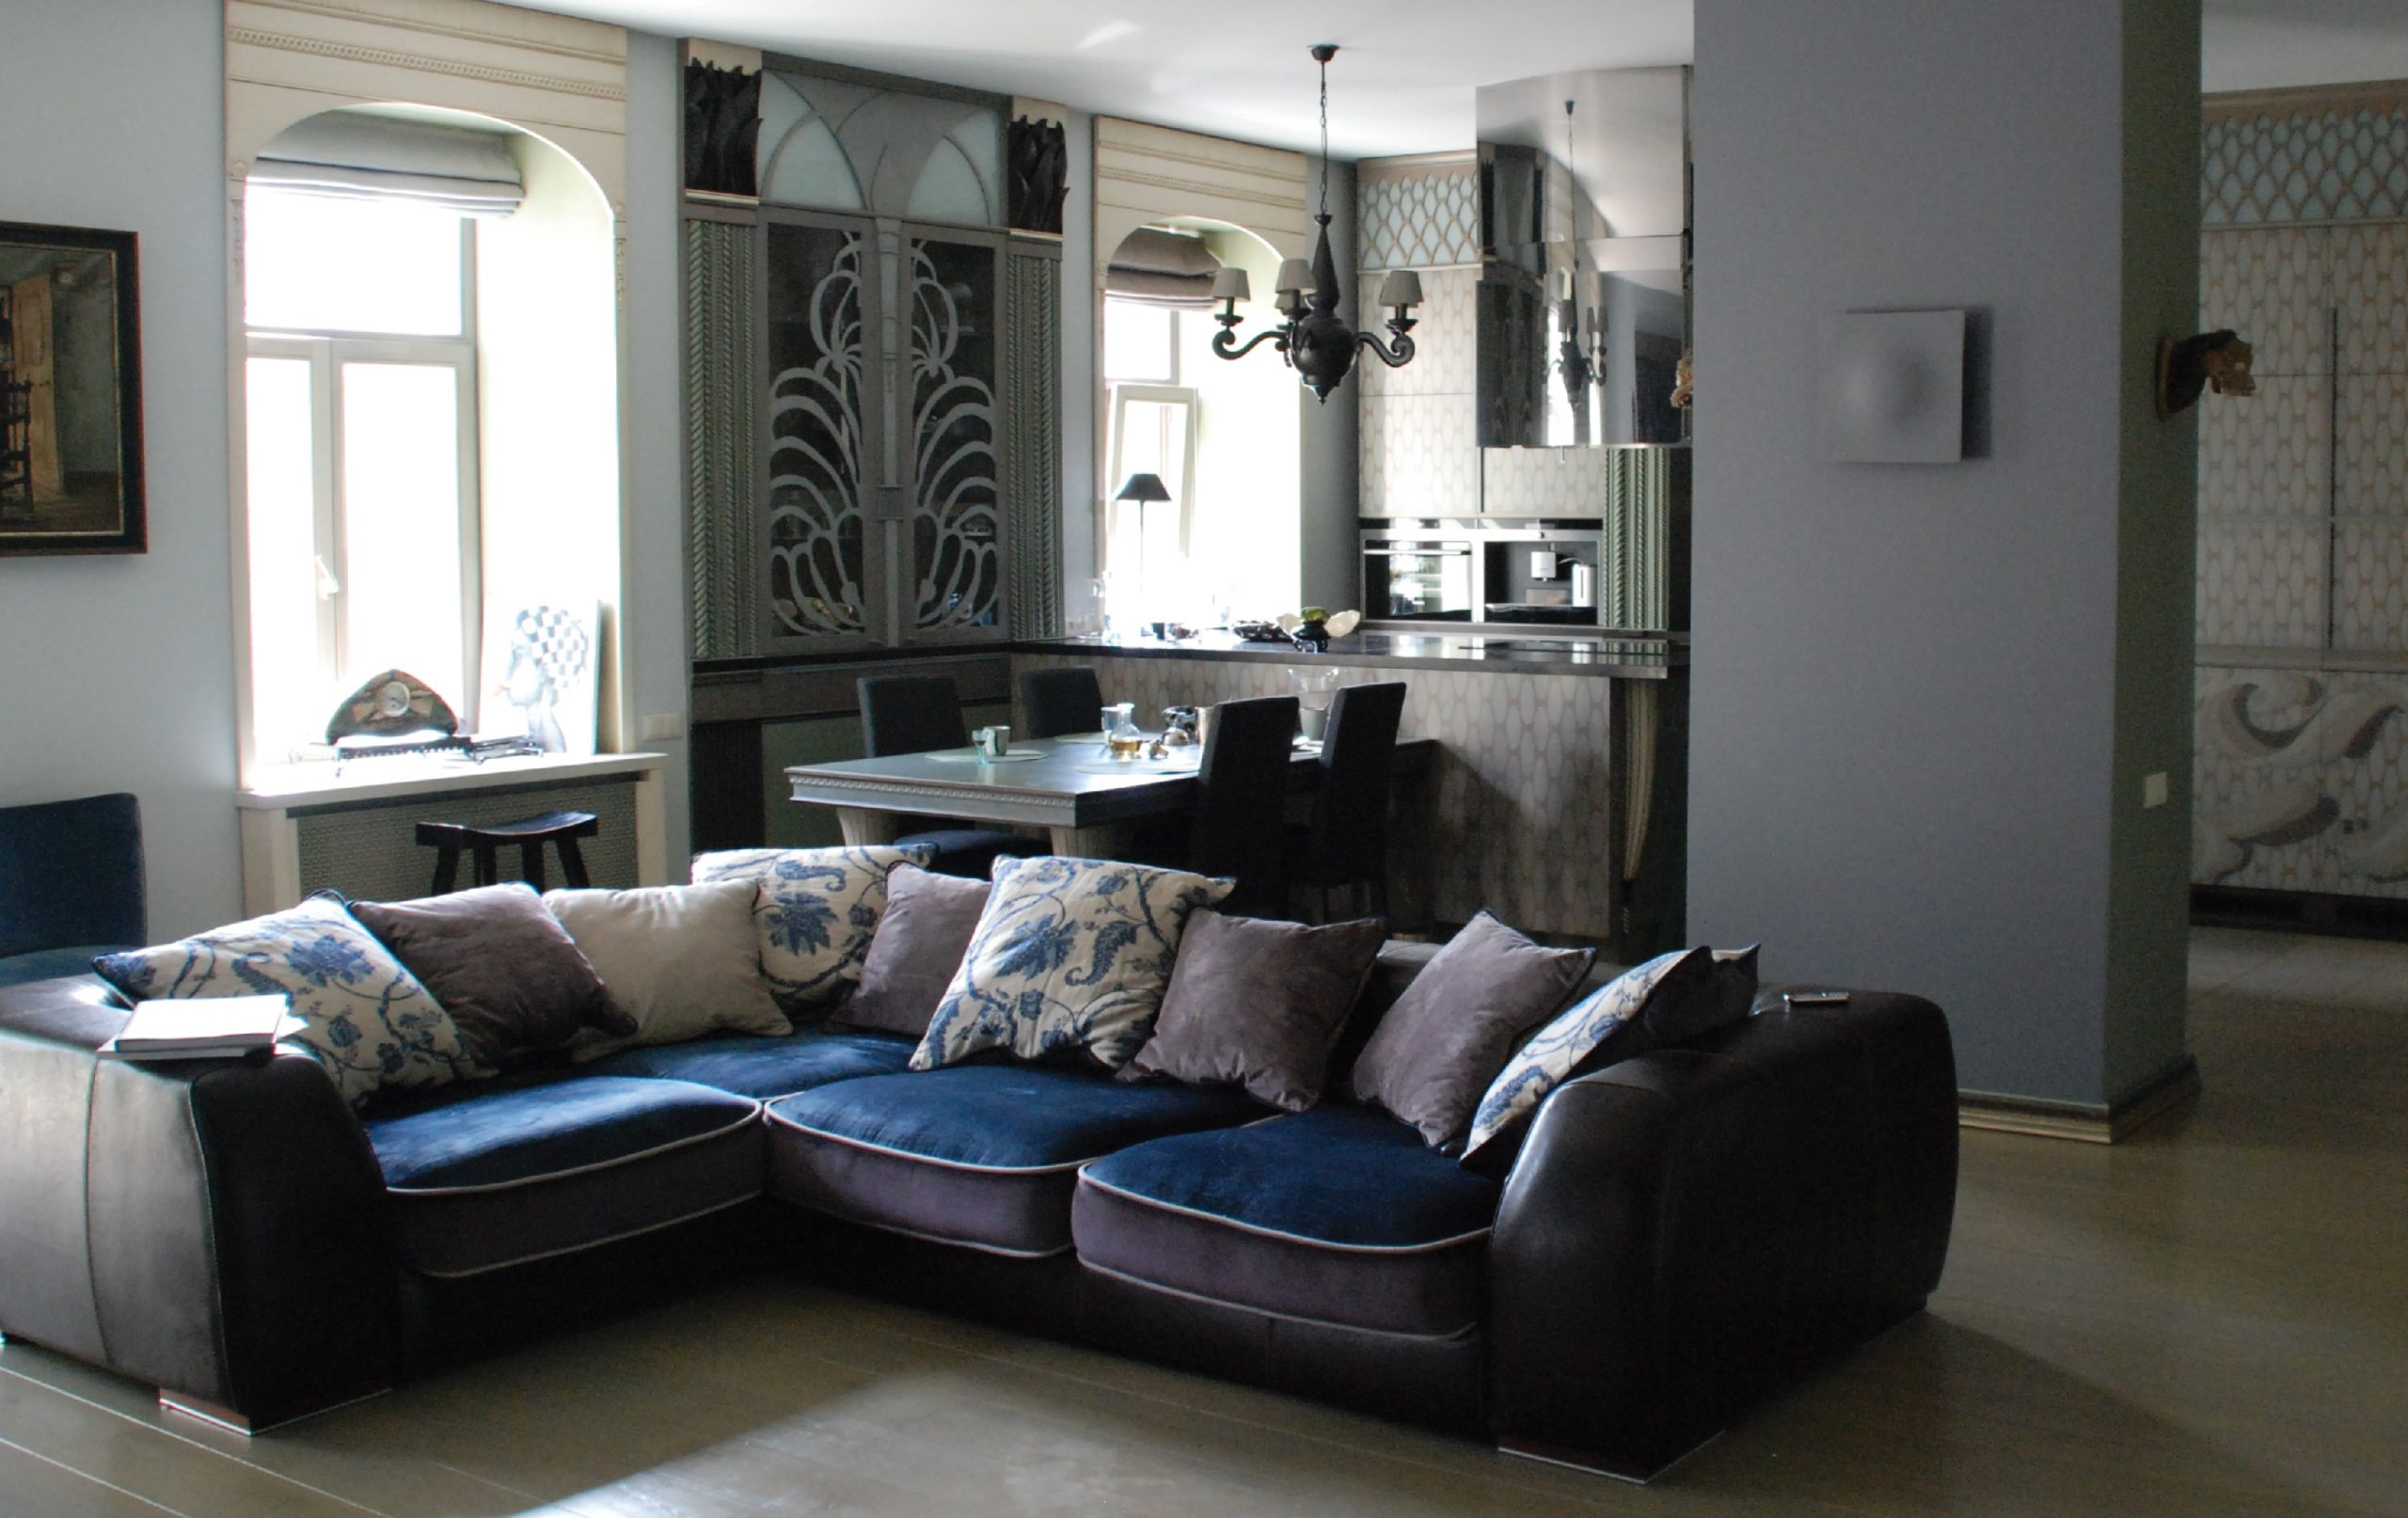 m. k. čiurlionis street apartment